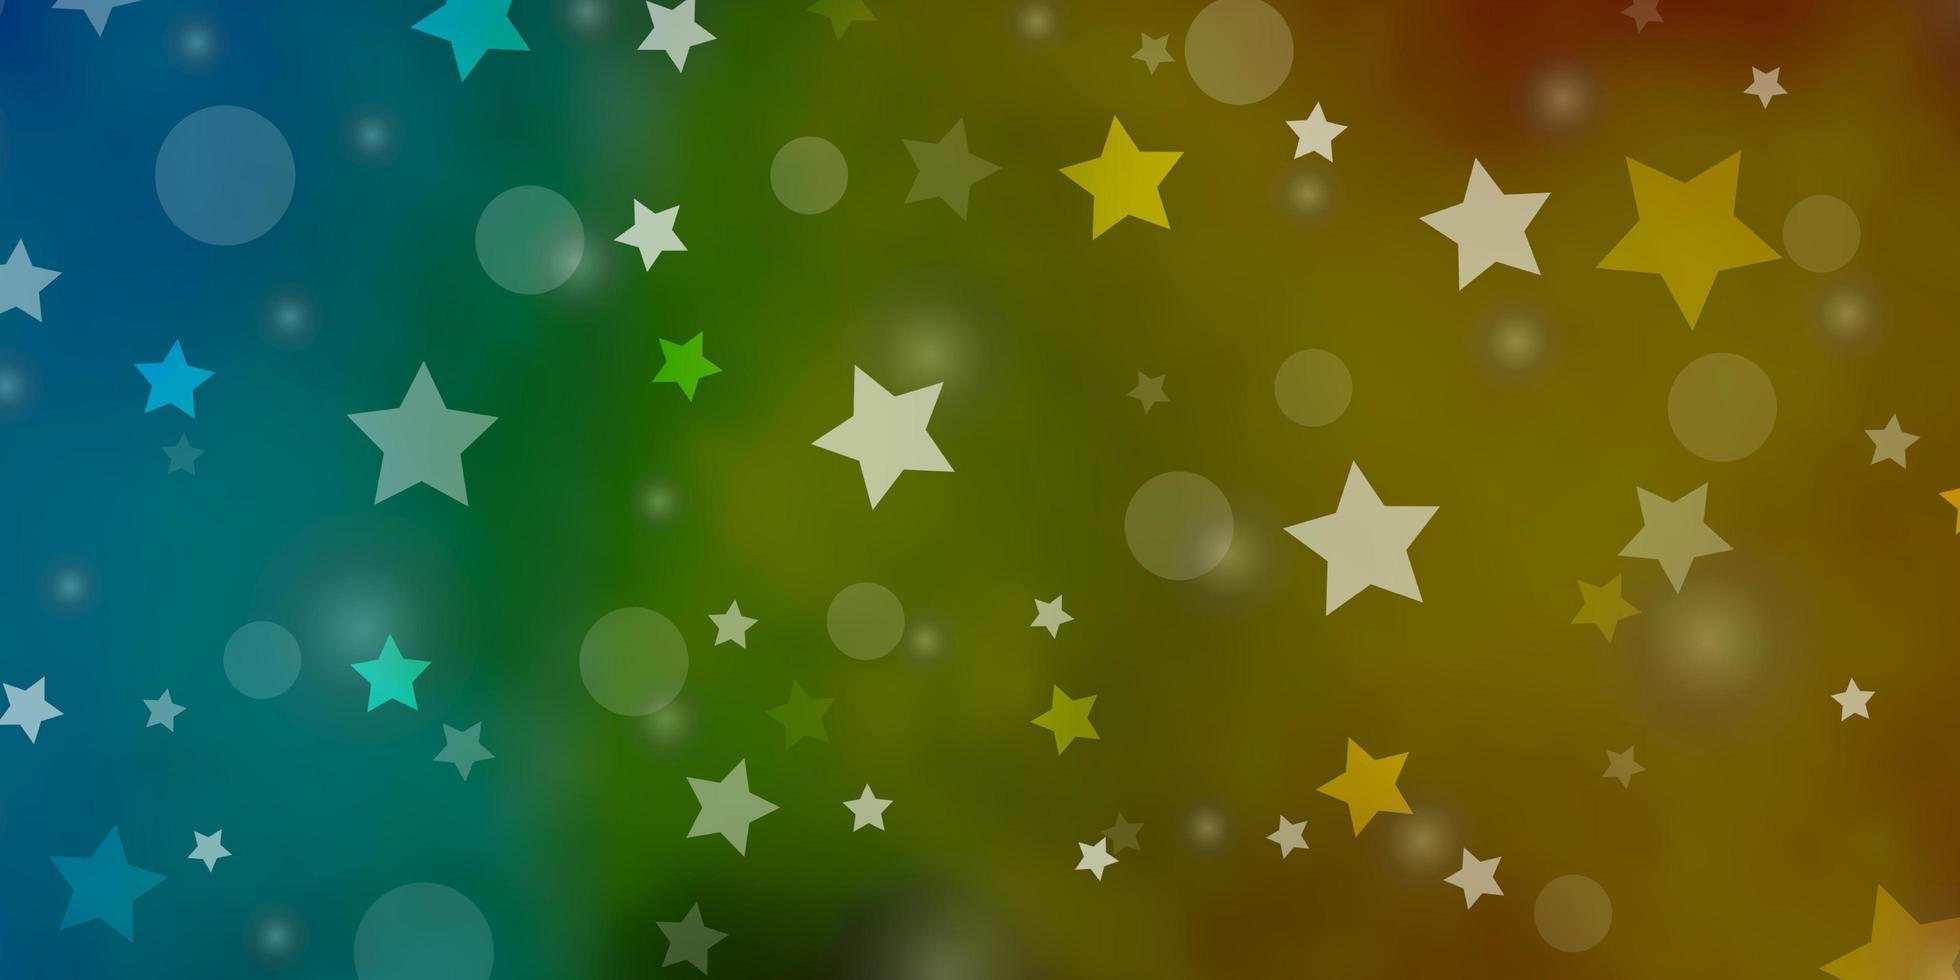 hellblaue, gelbe Textur mit Kreisen, Sternen. vektor